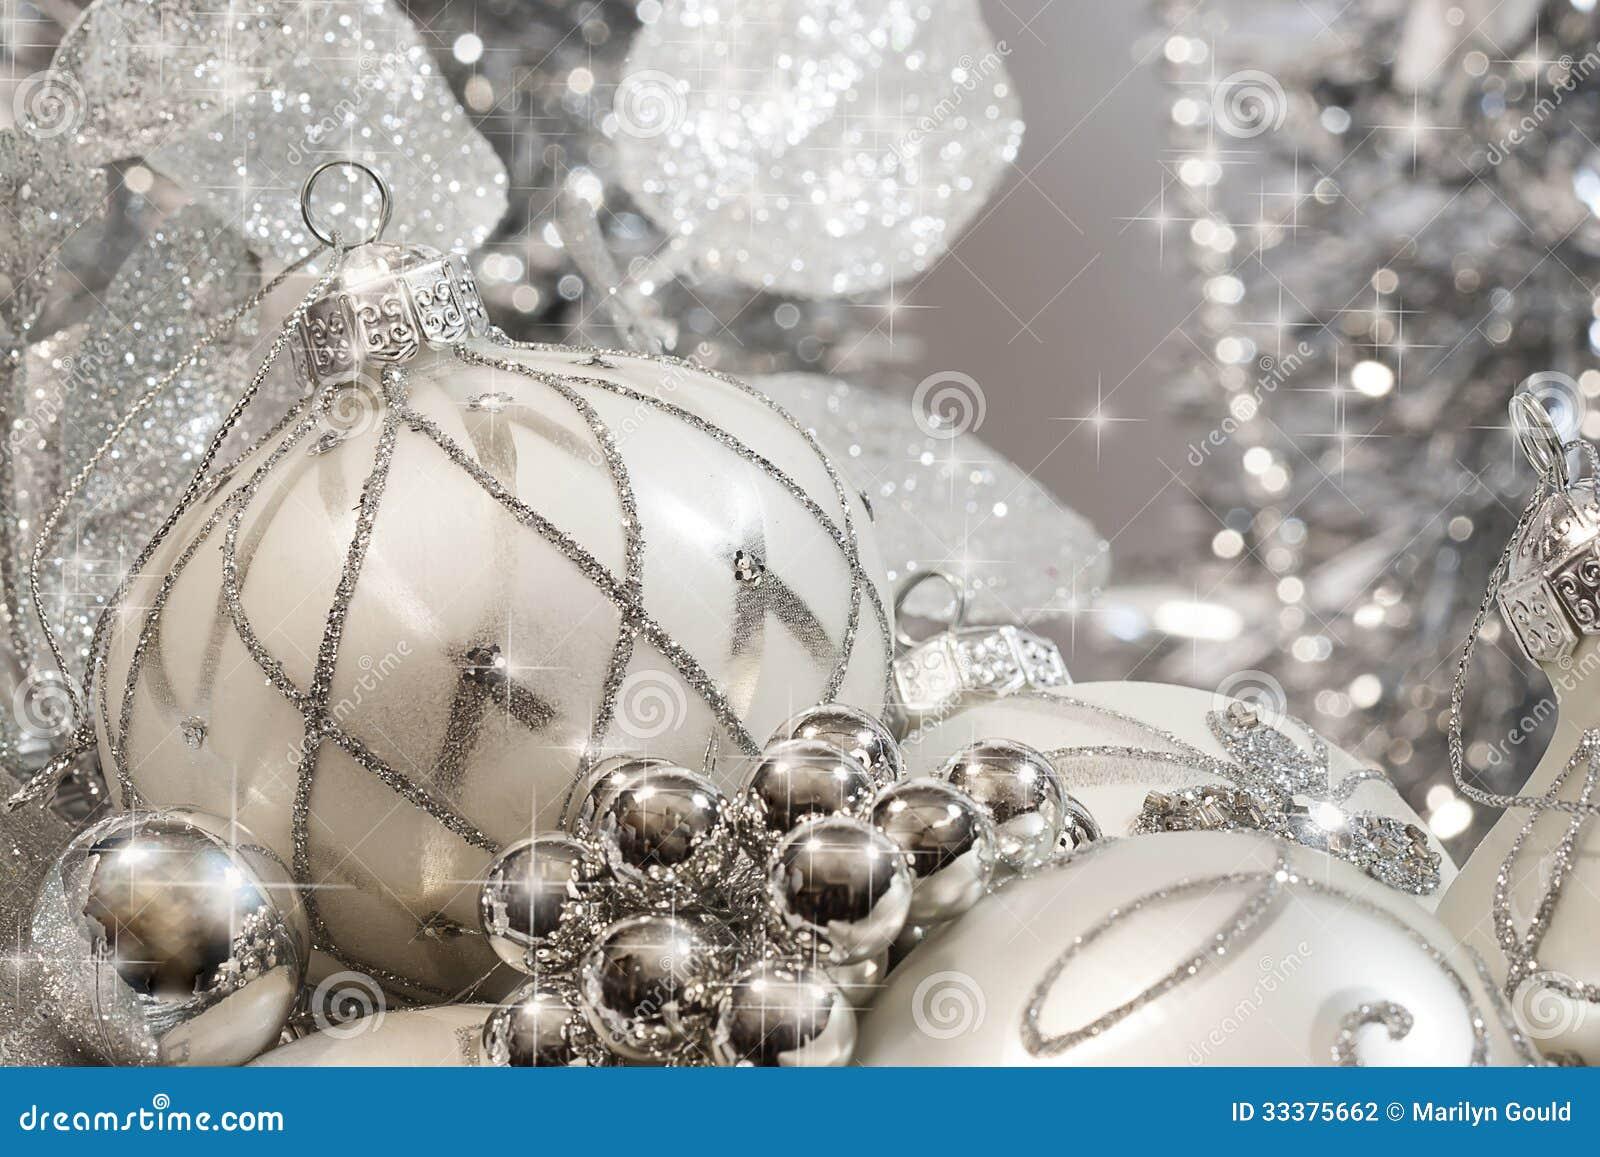 Ornements ens ivoire argentés de Noël